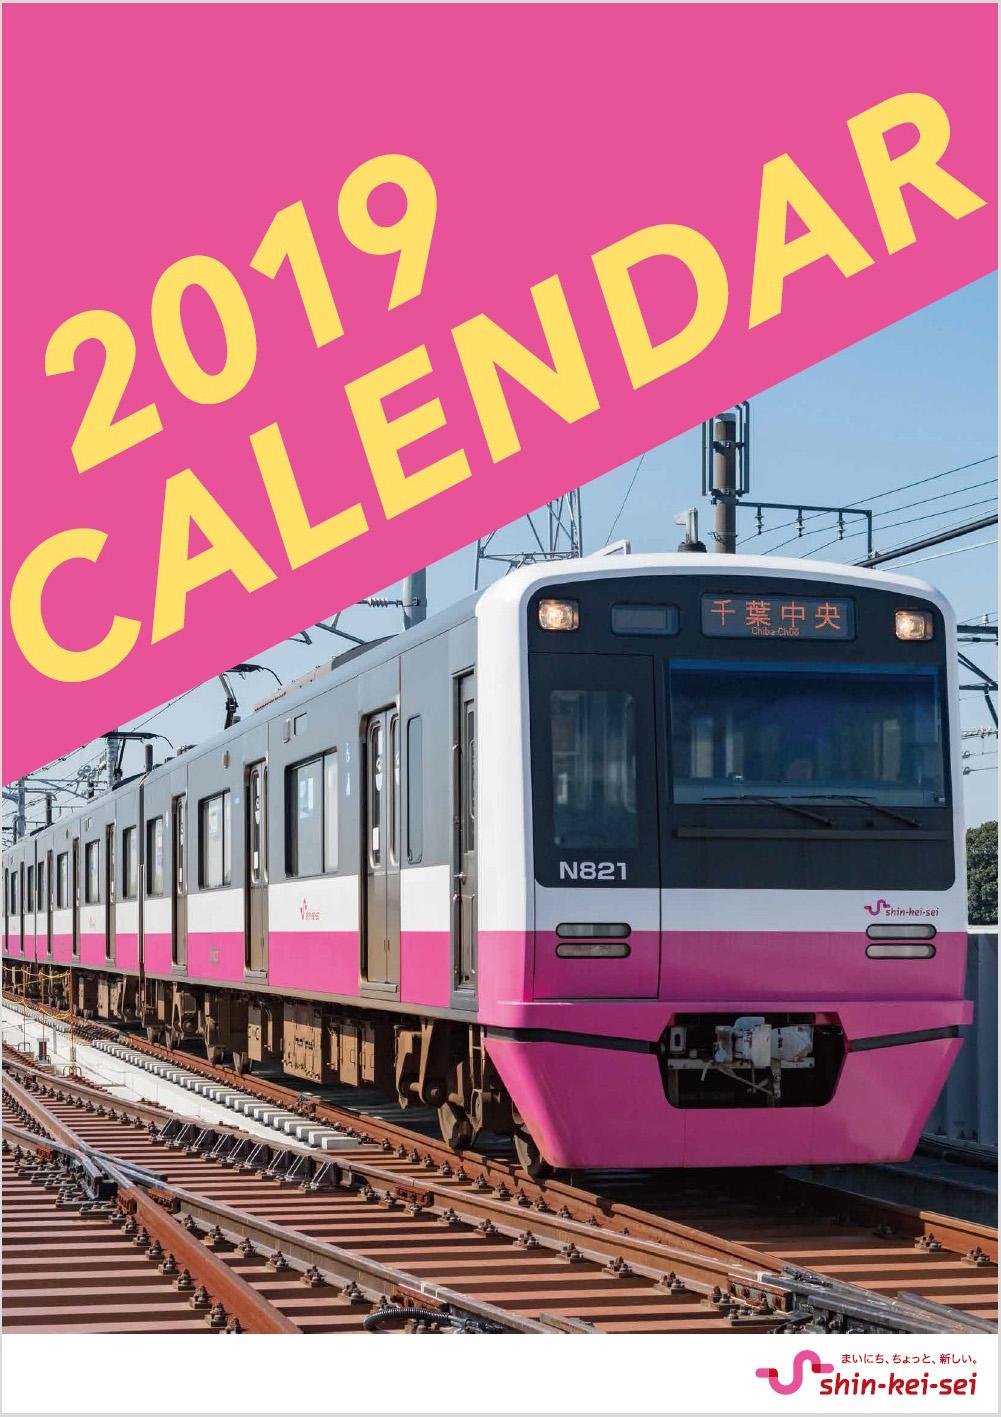 新京成電鉄2019カレンダー」を発売(10/1) - 新京成電鉄株式会社